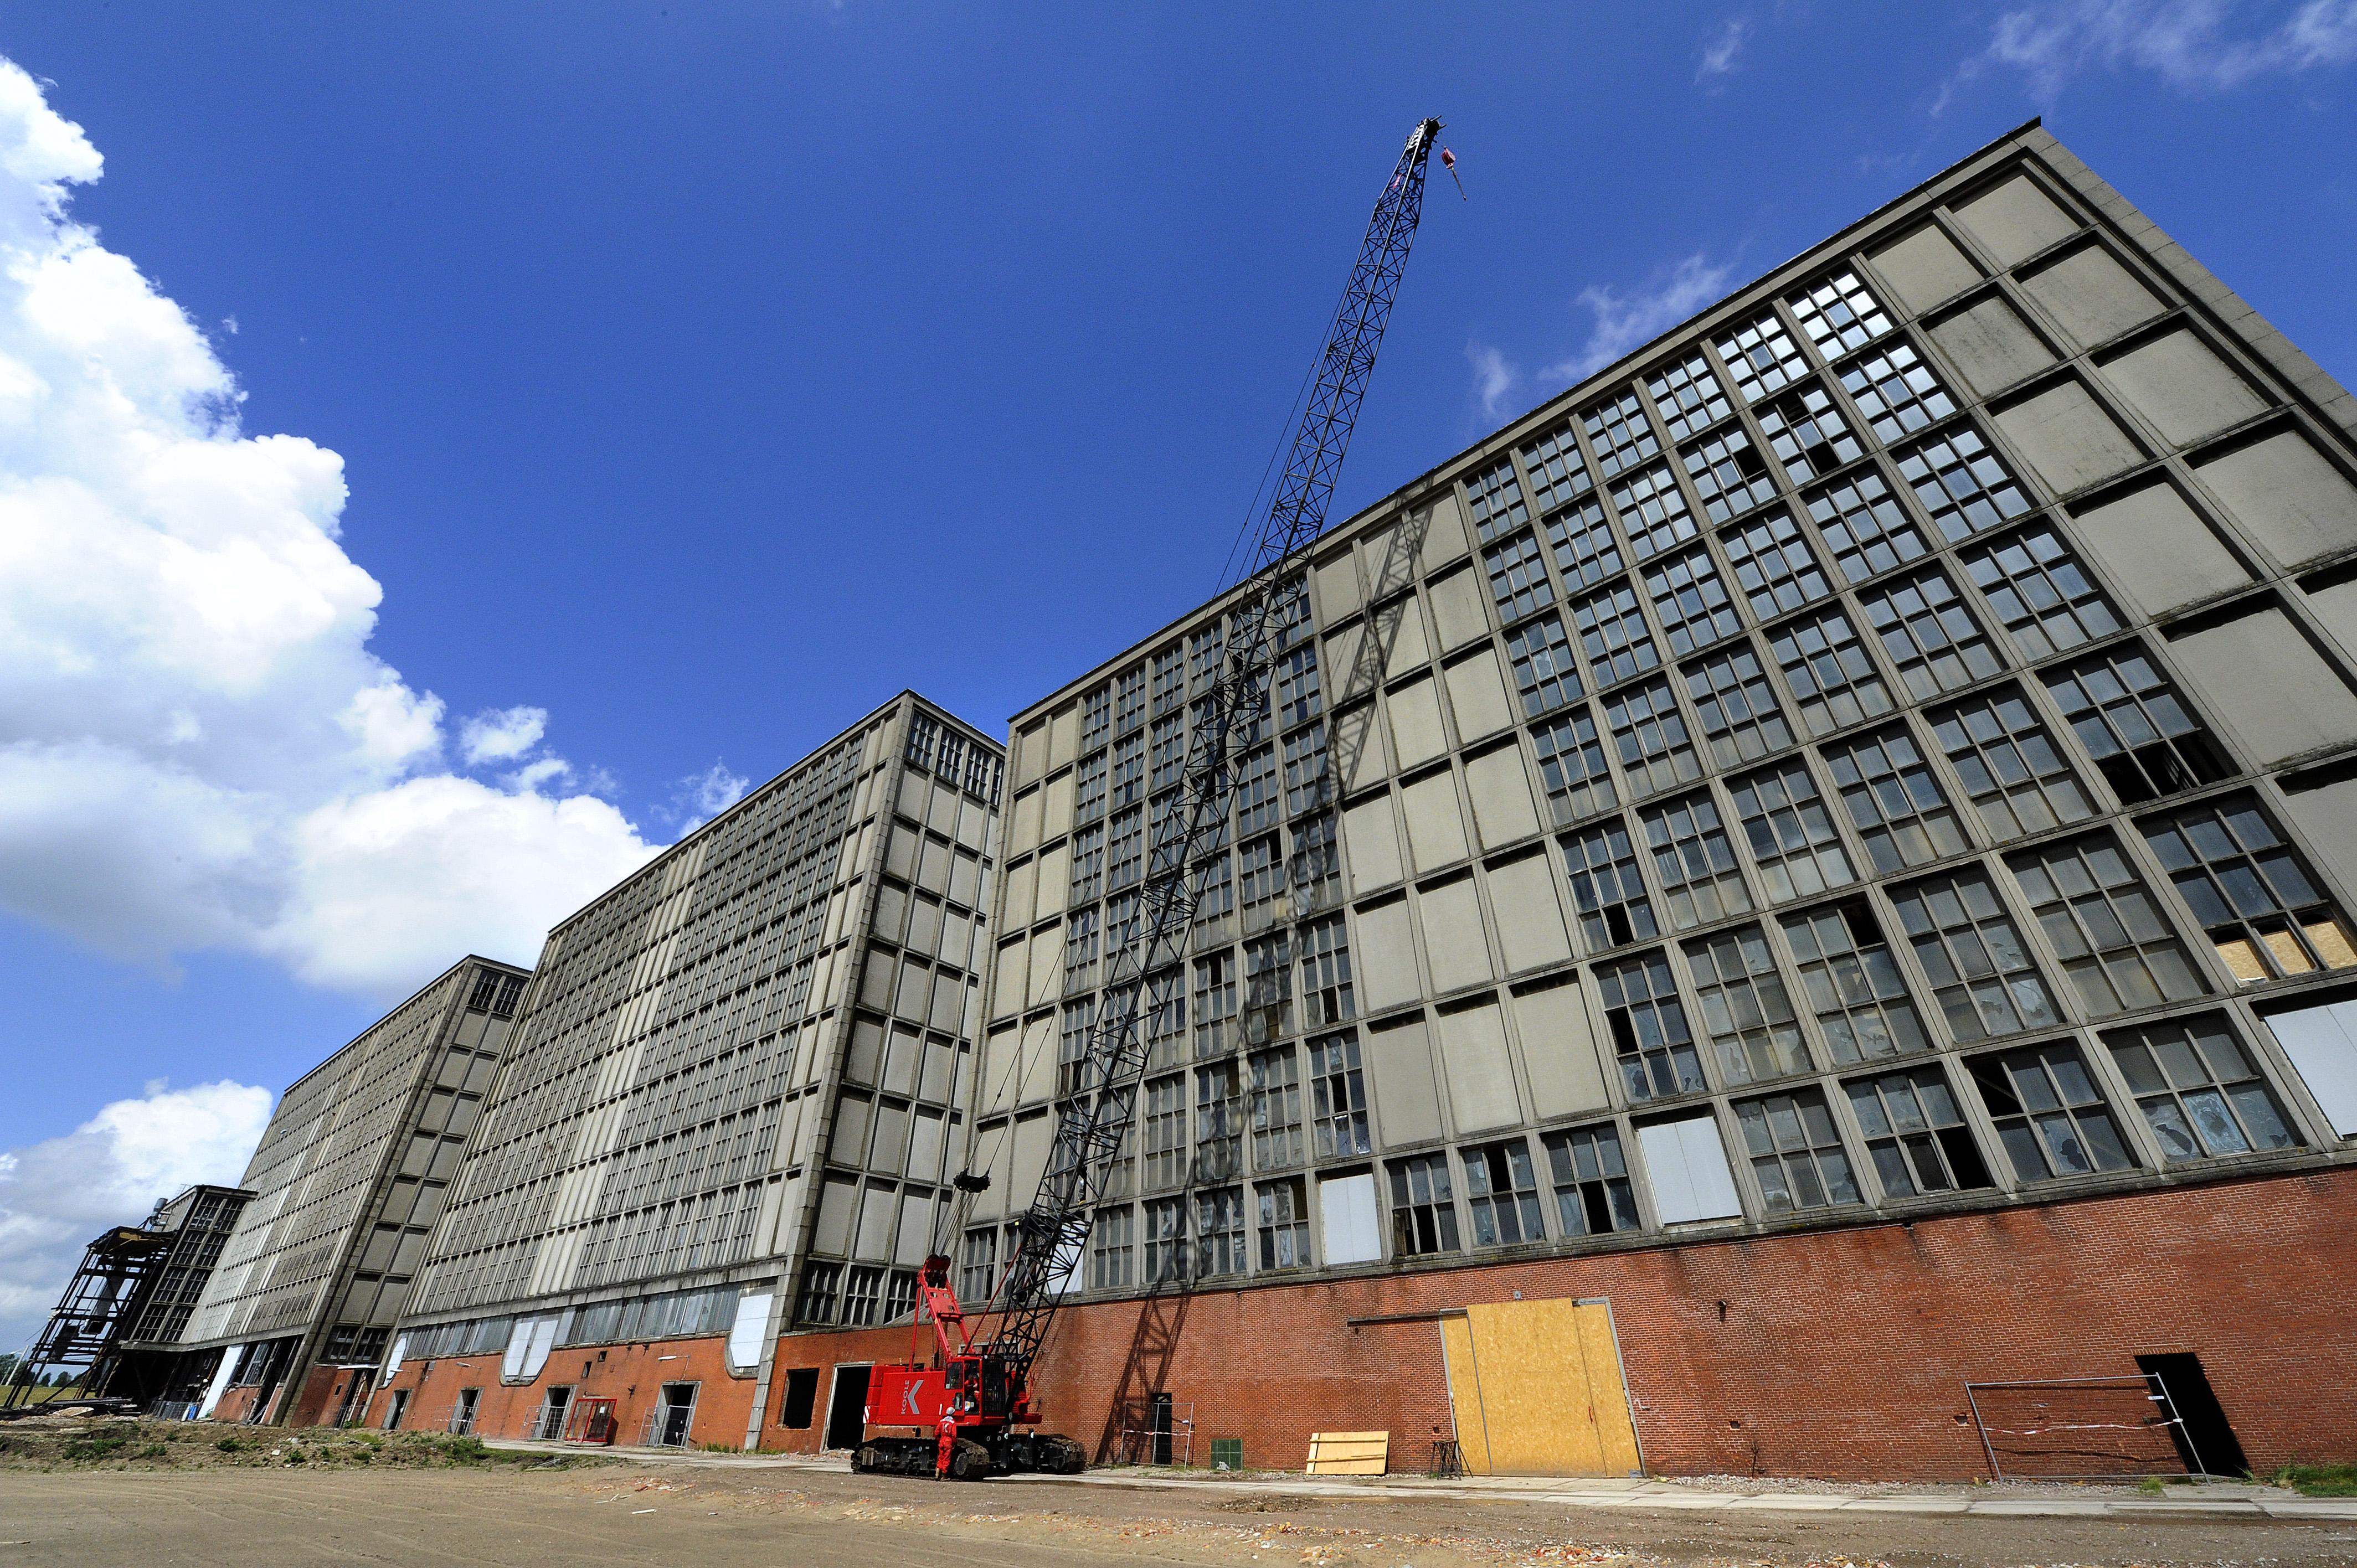 <p>De IJsselcentrale bestaat uit vier geschakelde gebouwen, die uit stalen spanten met daar tussen betonelementen zijn opgebouwd. Met de draadkraan worden zware lasten vanaf het 51 meter hoge dak van de IJsselcentrale getakeld.</p>